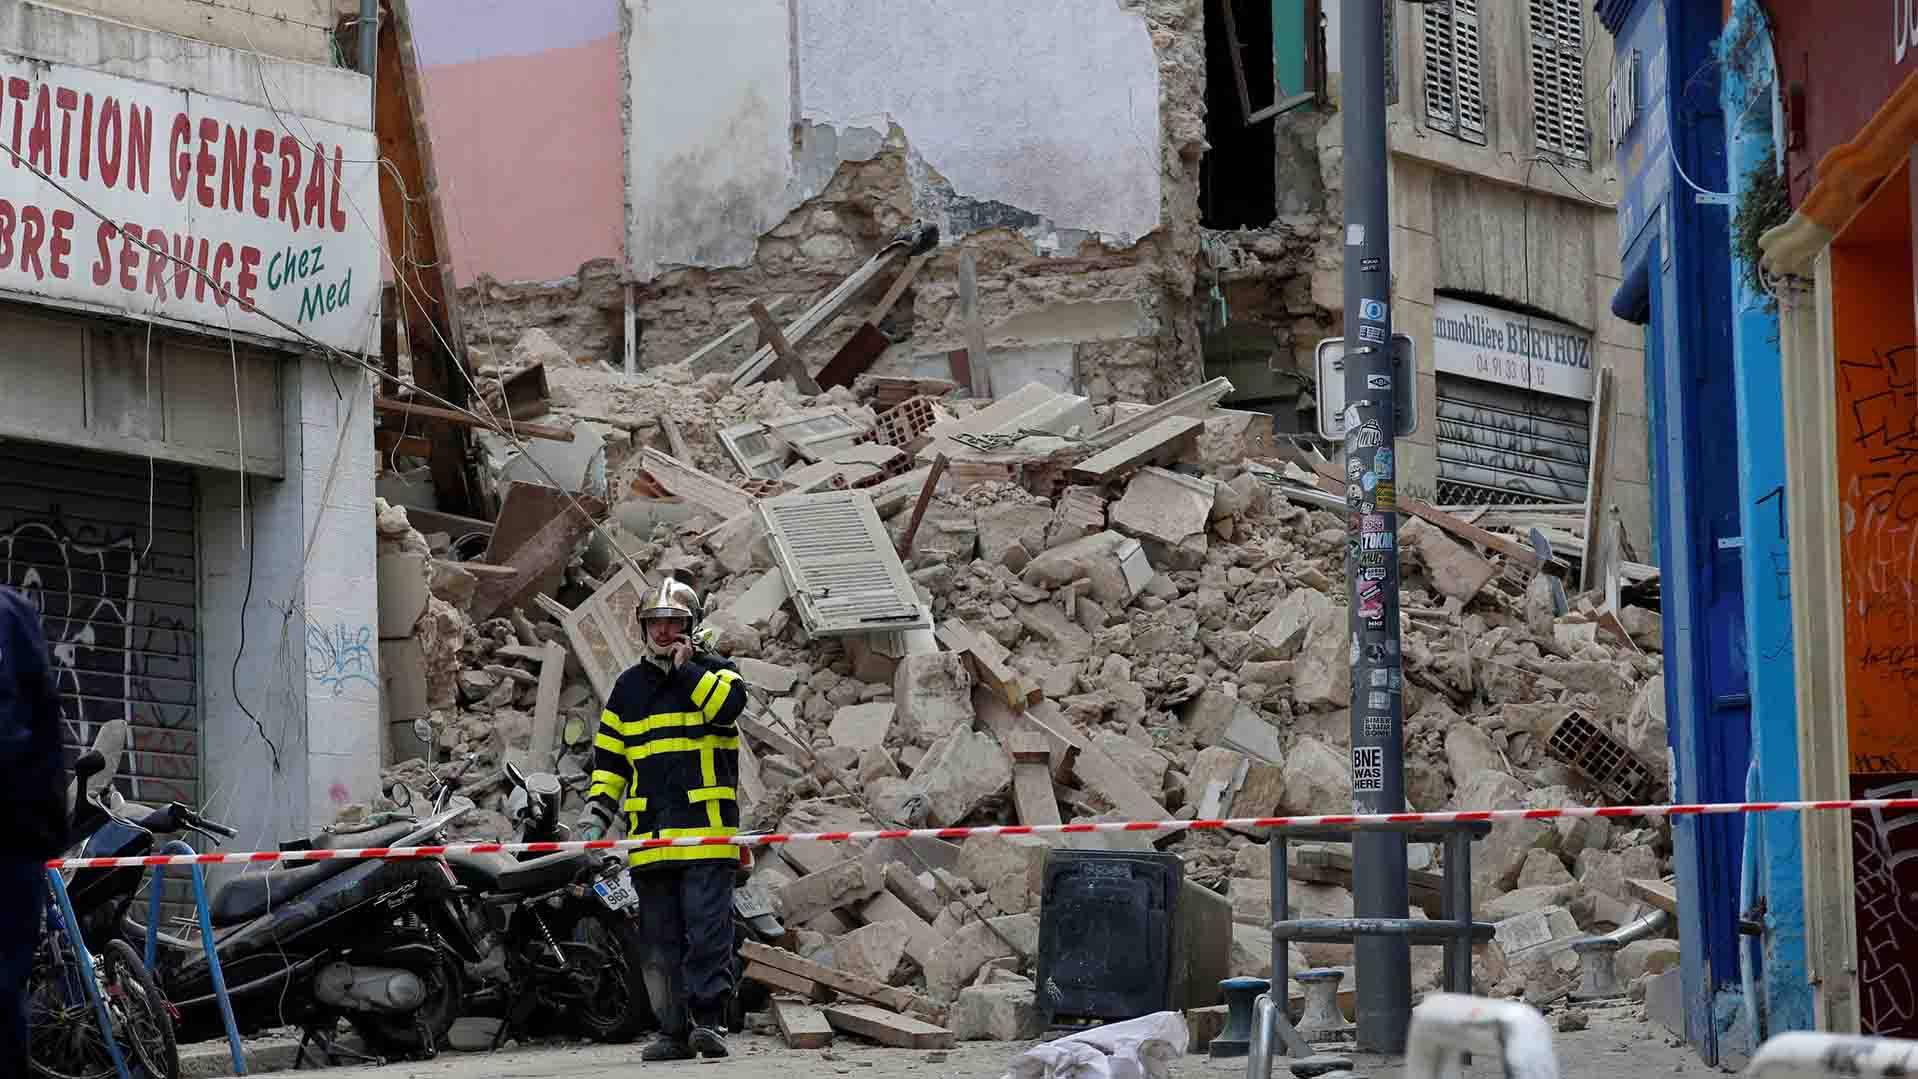 Las autoridades de Marsella se encuentran en el lugar de los hechos para investigar el origen del desastre